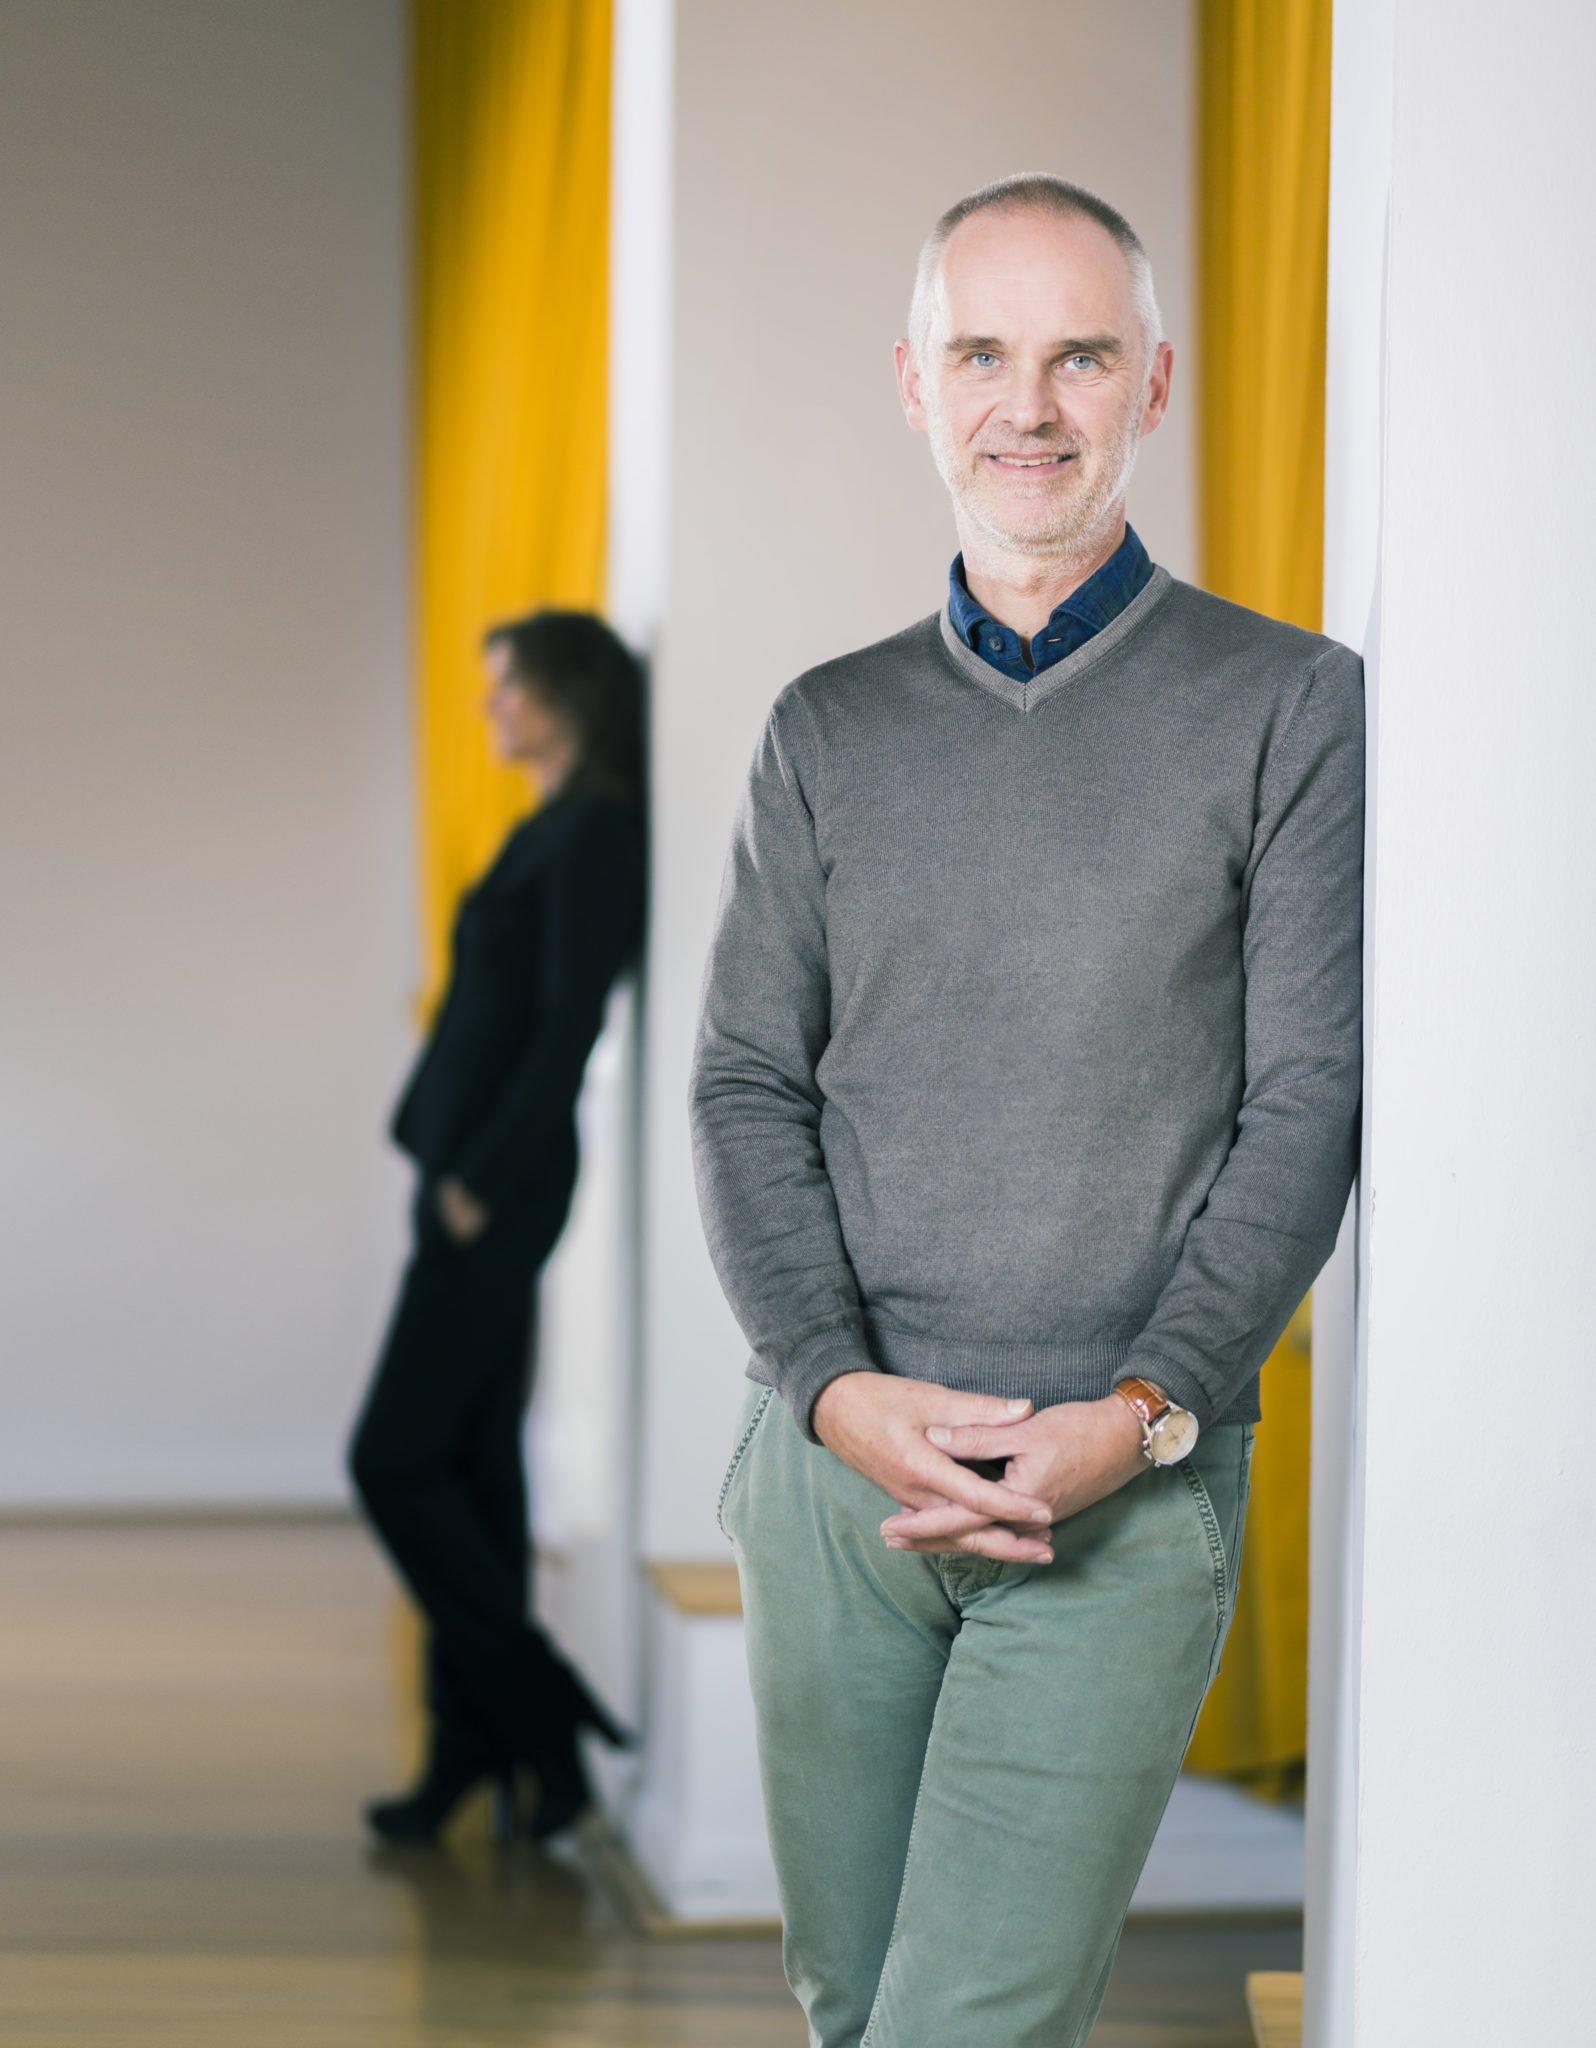 Hanno Pijl met Pascale Neassens op achtergrond